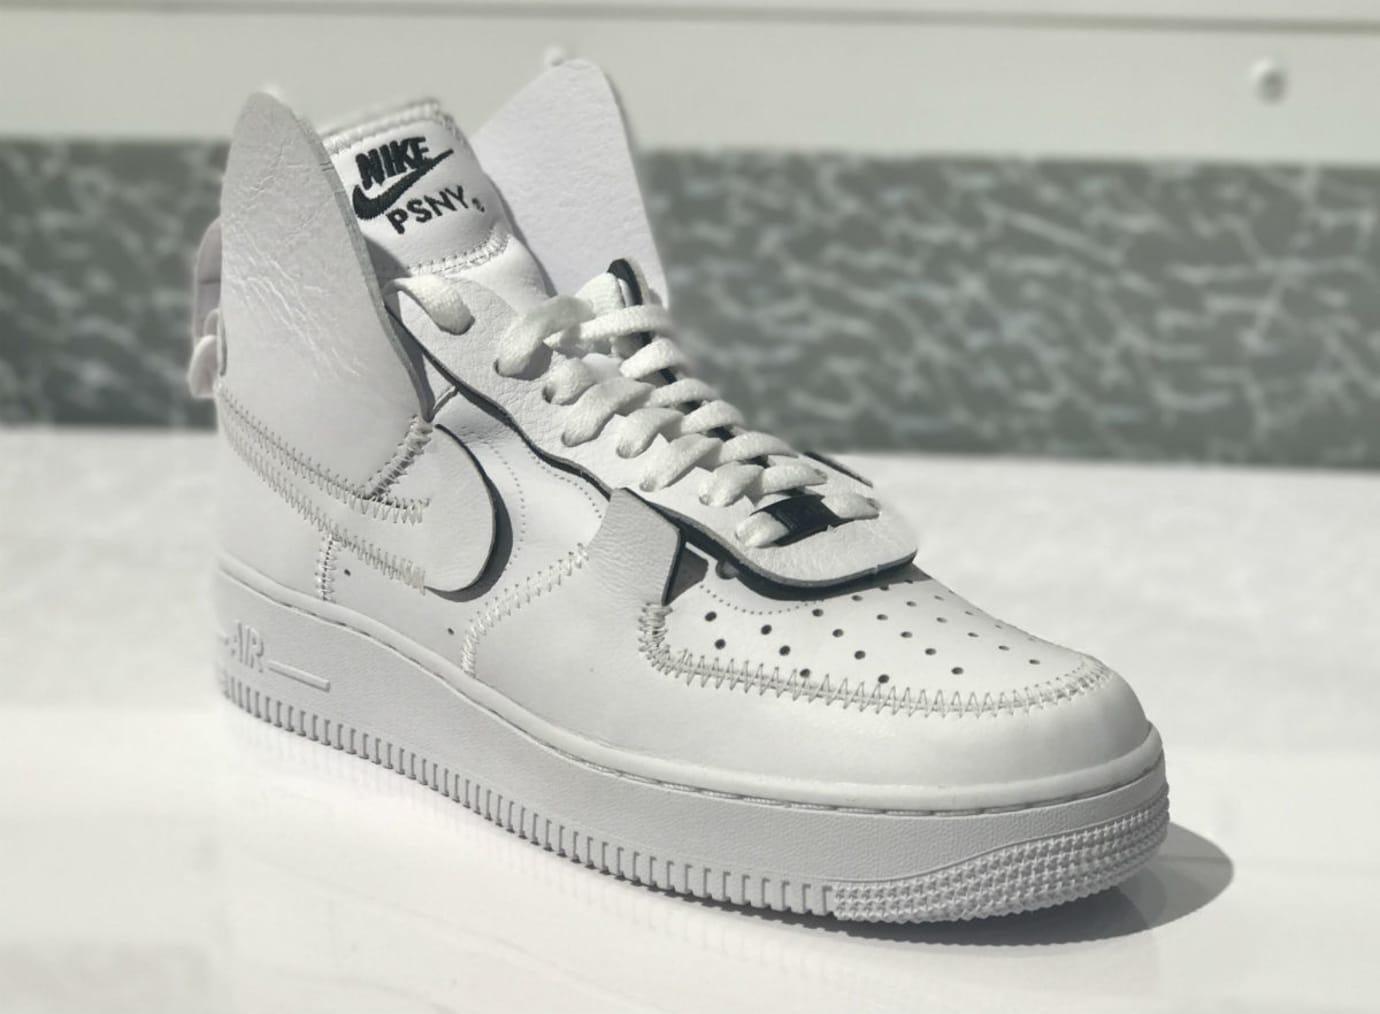 PSNY x Nike Air Force 1 High Toe